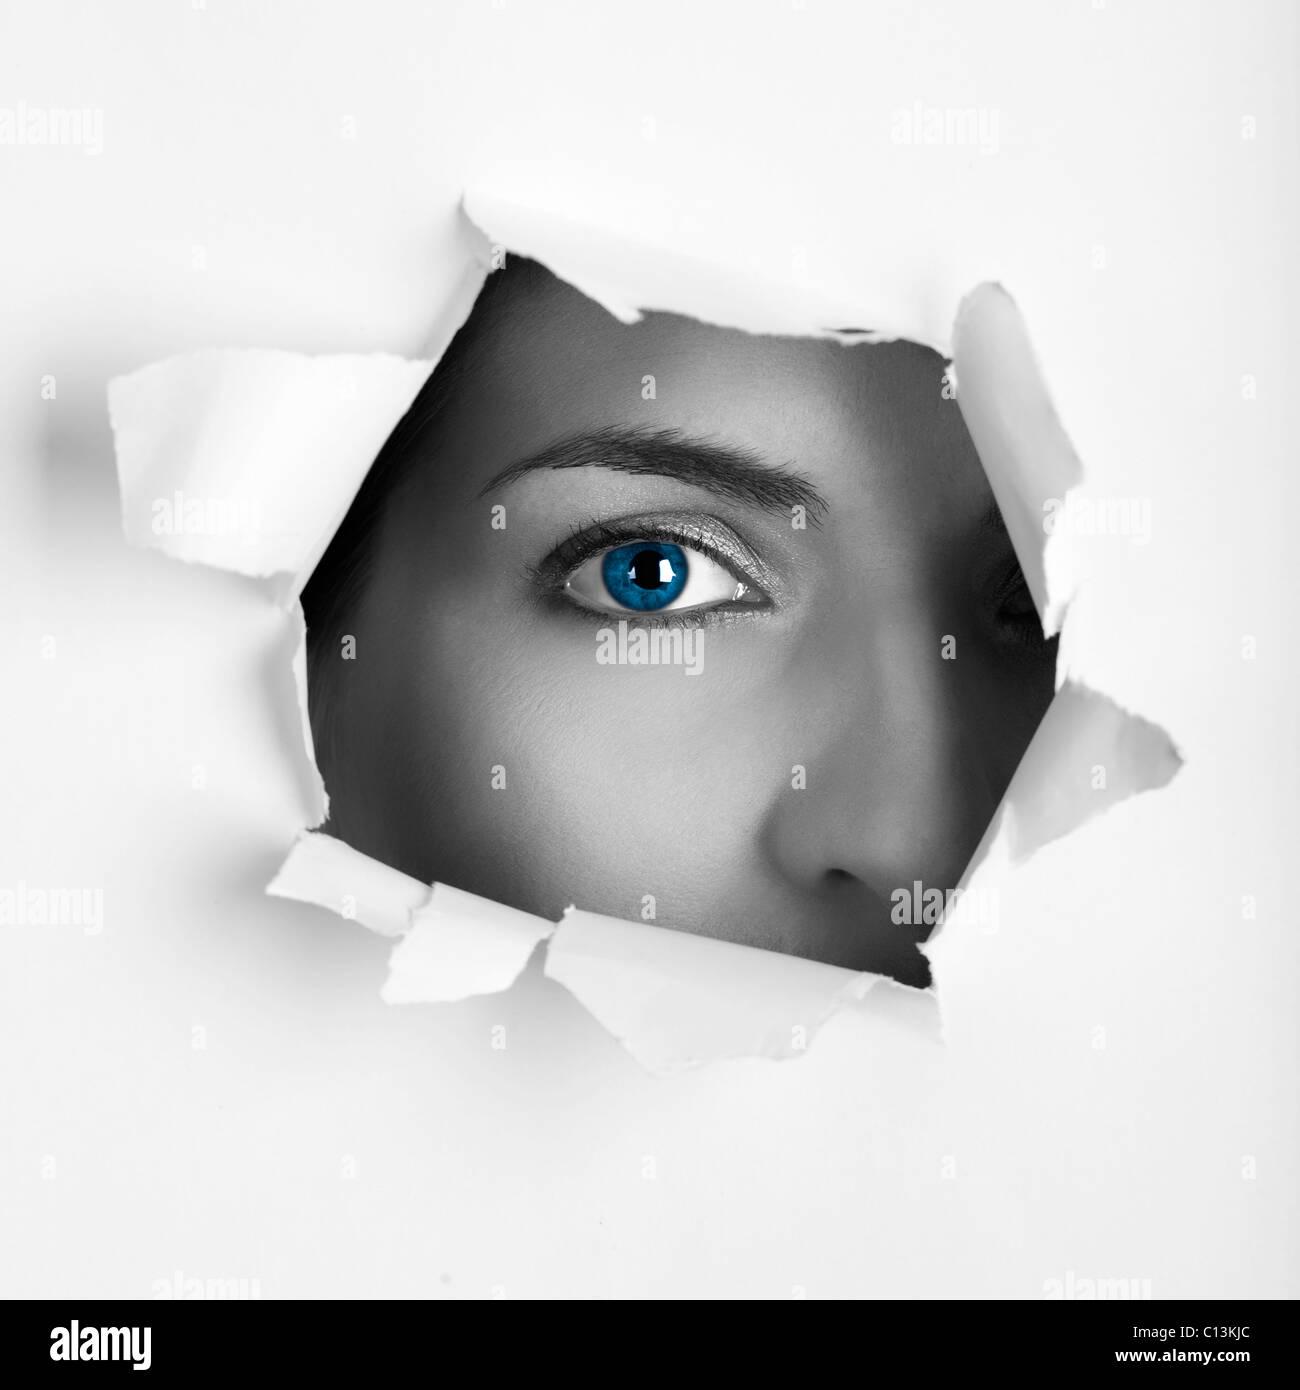 Belle femme blue eye à travers un trou sur une feuille de papier Photo Stock